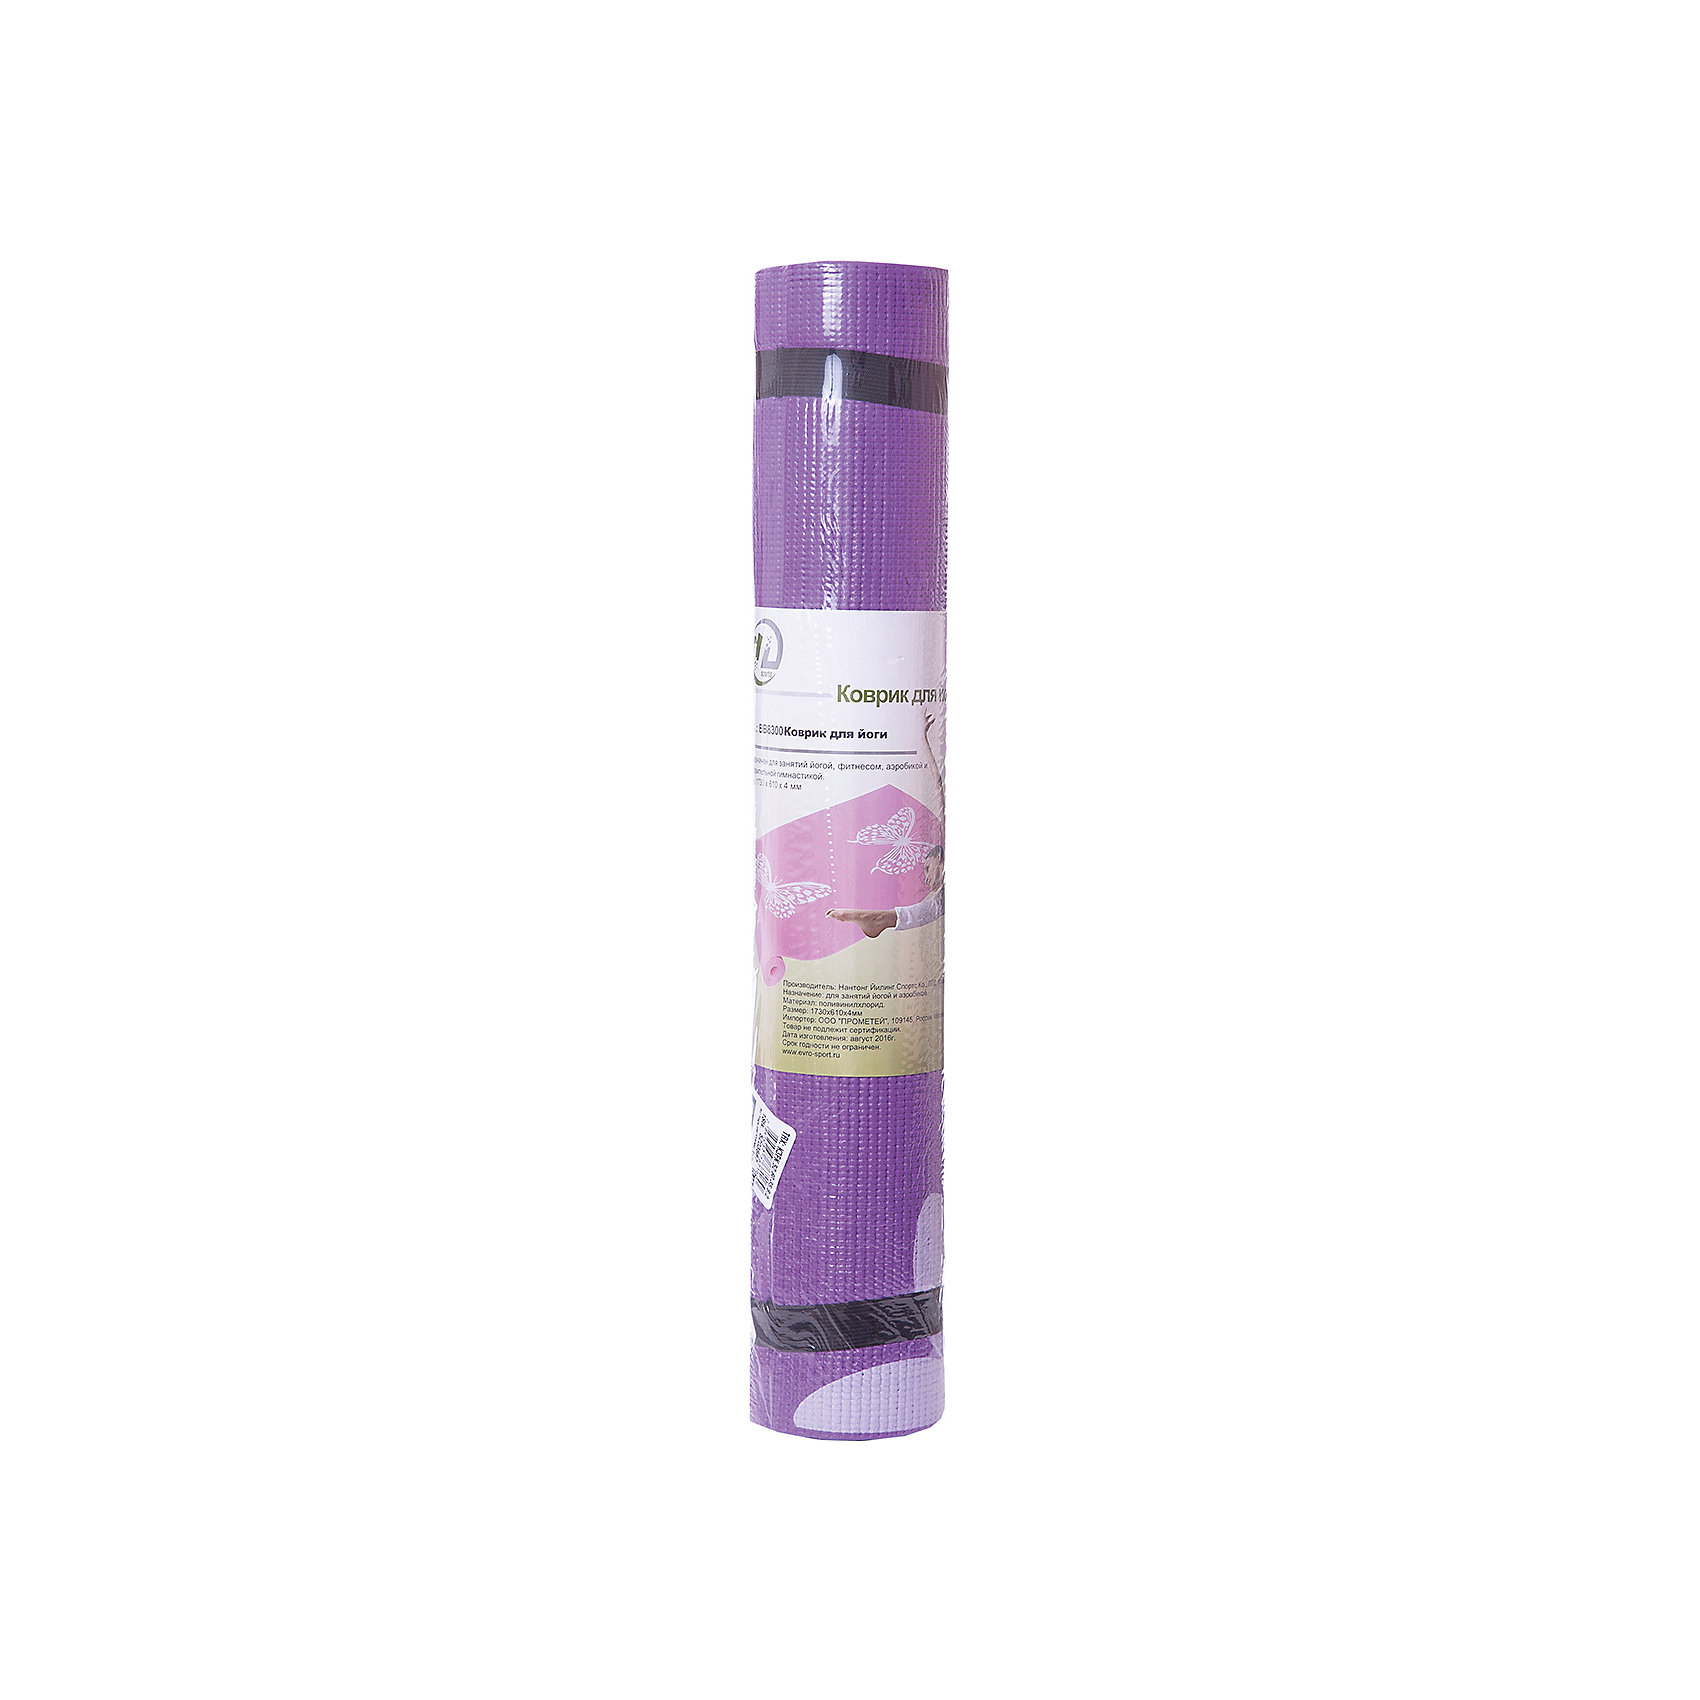 Коврик для йоги  ВВ8300, Z-Sports, фиолетовый с цветамиСпортивные коврики<br>Основные характеристики<br><br>Материал: поливинилхлорид<br>Размер: 172х61х0,4см<br>Вес: 0,94кг<br><br>Упаковка: термоусадочная пленка с цветным постером<br><br>Изделие изготовлено из современного материала, мягкого, но одновременно достаточно прочного, способного выдержать сильные механические нагрузки. Коврик без дополнительных приспособлений жестко фиксируется на самой гладкой поверхности, не скользит и приятен на ощупь. Его эстетические параметры вполне соответствуют современным требованиям - на поверхности имеются рисунки. Применяется для занятий йогой, фитнесом и аэробикой как в домашних условиях, так и в спортзалах. <br><br>Преимущества коврика BB8300:<br>- противоскользящая поверхность;<br>- оптимальный размер и вес;<br>- приятный современный дизайн и расцветка;<br>- его легко мыть и хранить, скатав в рулон.<br><br>Ширина мм: 100<br>Глубина мм: 100<br>Высота мм: 610<br>Вес г: 1000<br>Возраст от месяцев: 36<br>Возраст до месяцев: 192<br>Пол: Унисекс<br>Возраст: Детский<br>SKU: 5203667